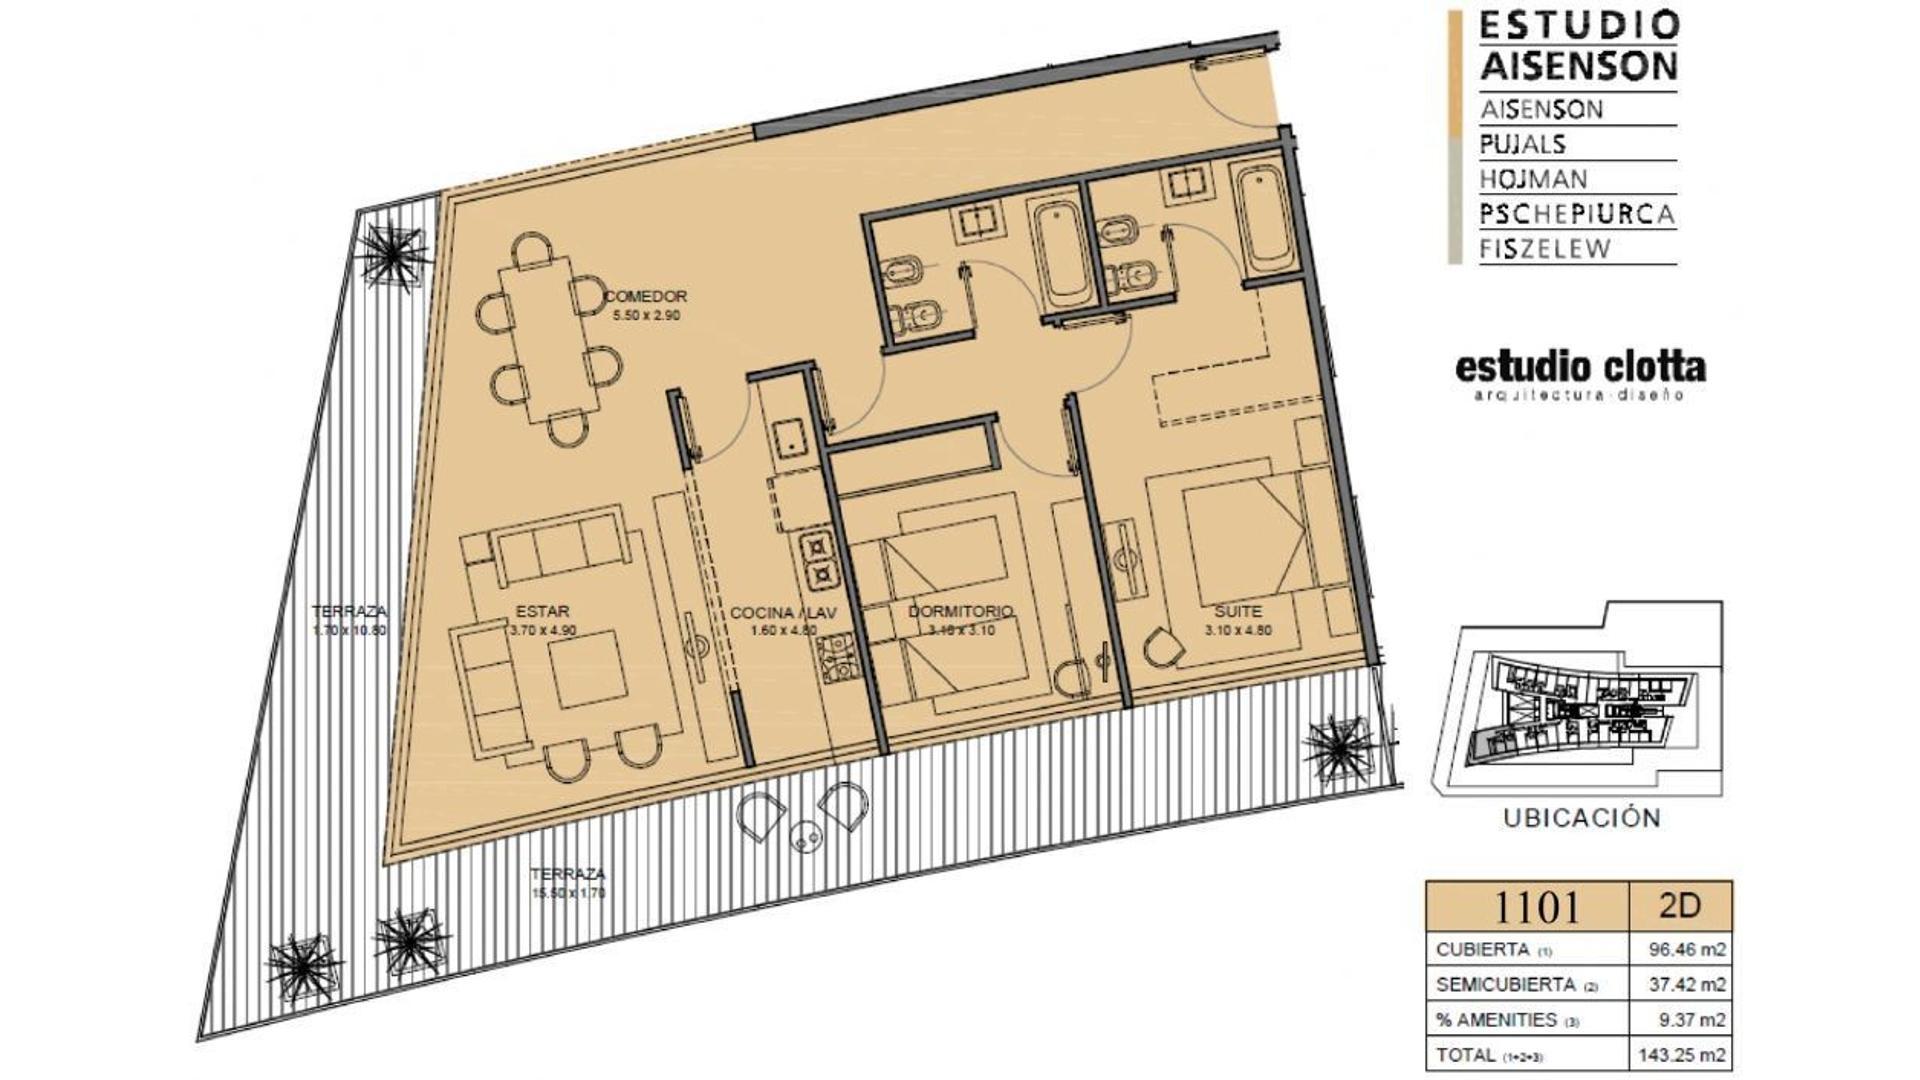 Departamento - Venta - Av. del Libertador 2400 - PRO0228_LP109768_3